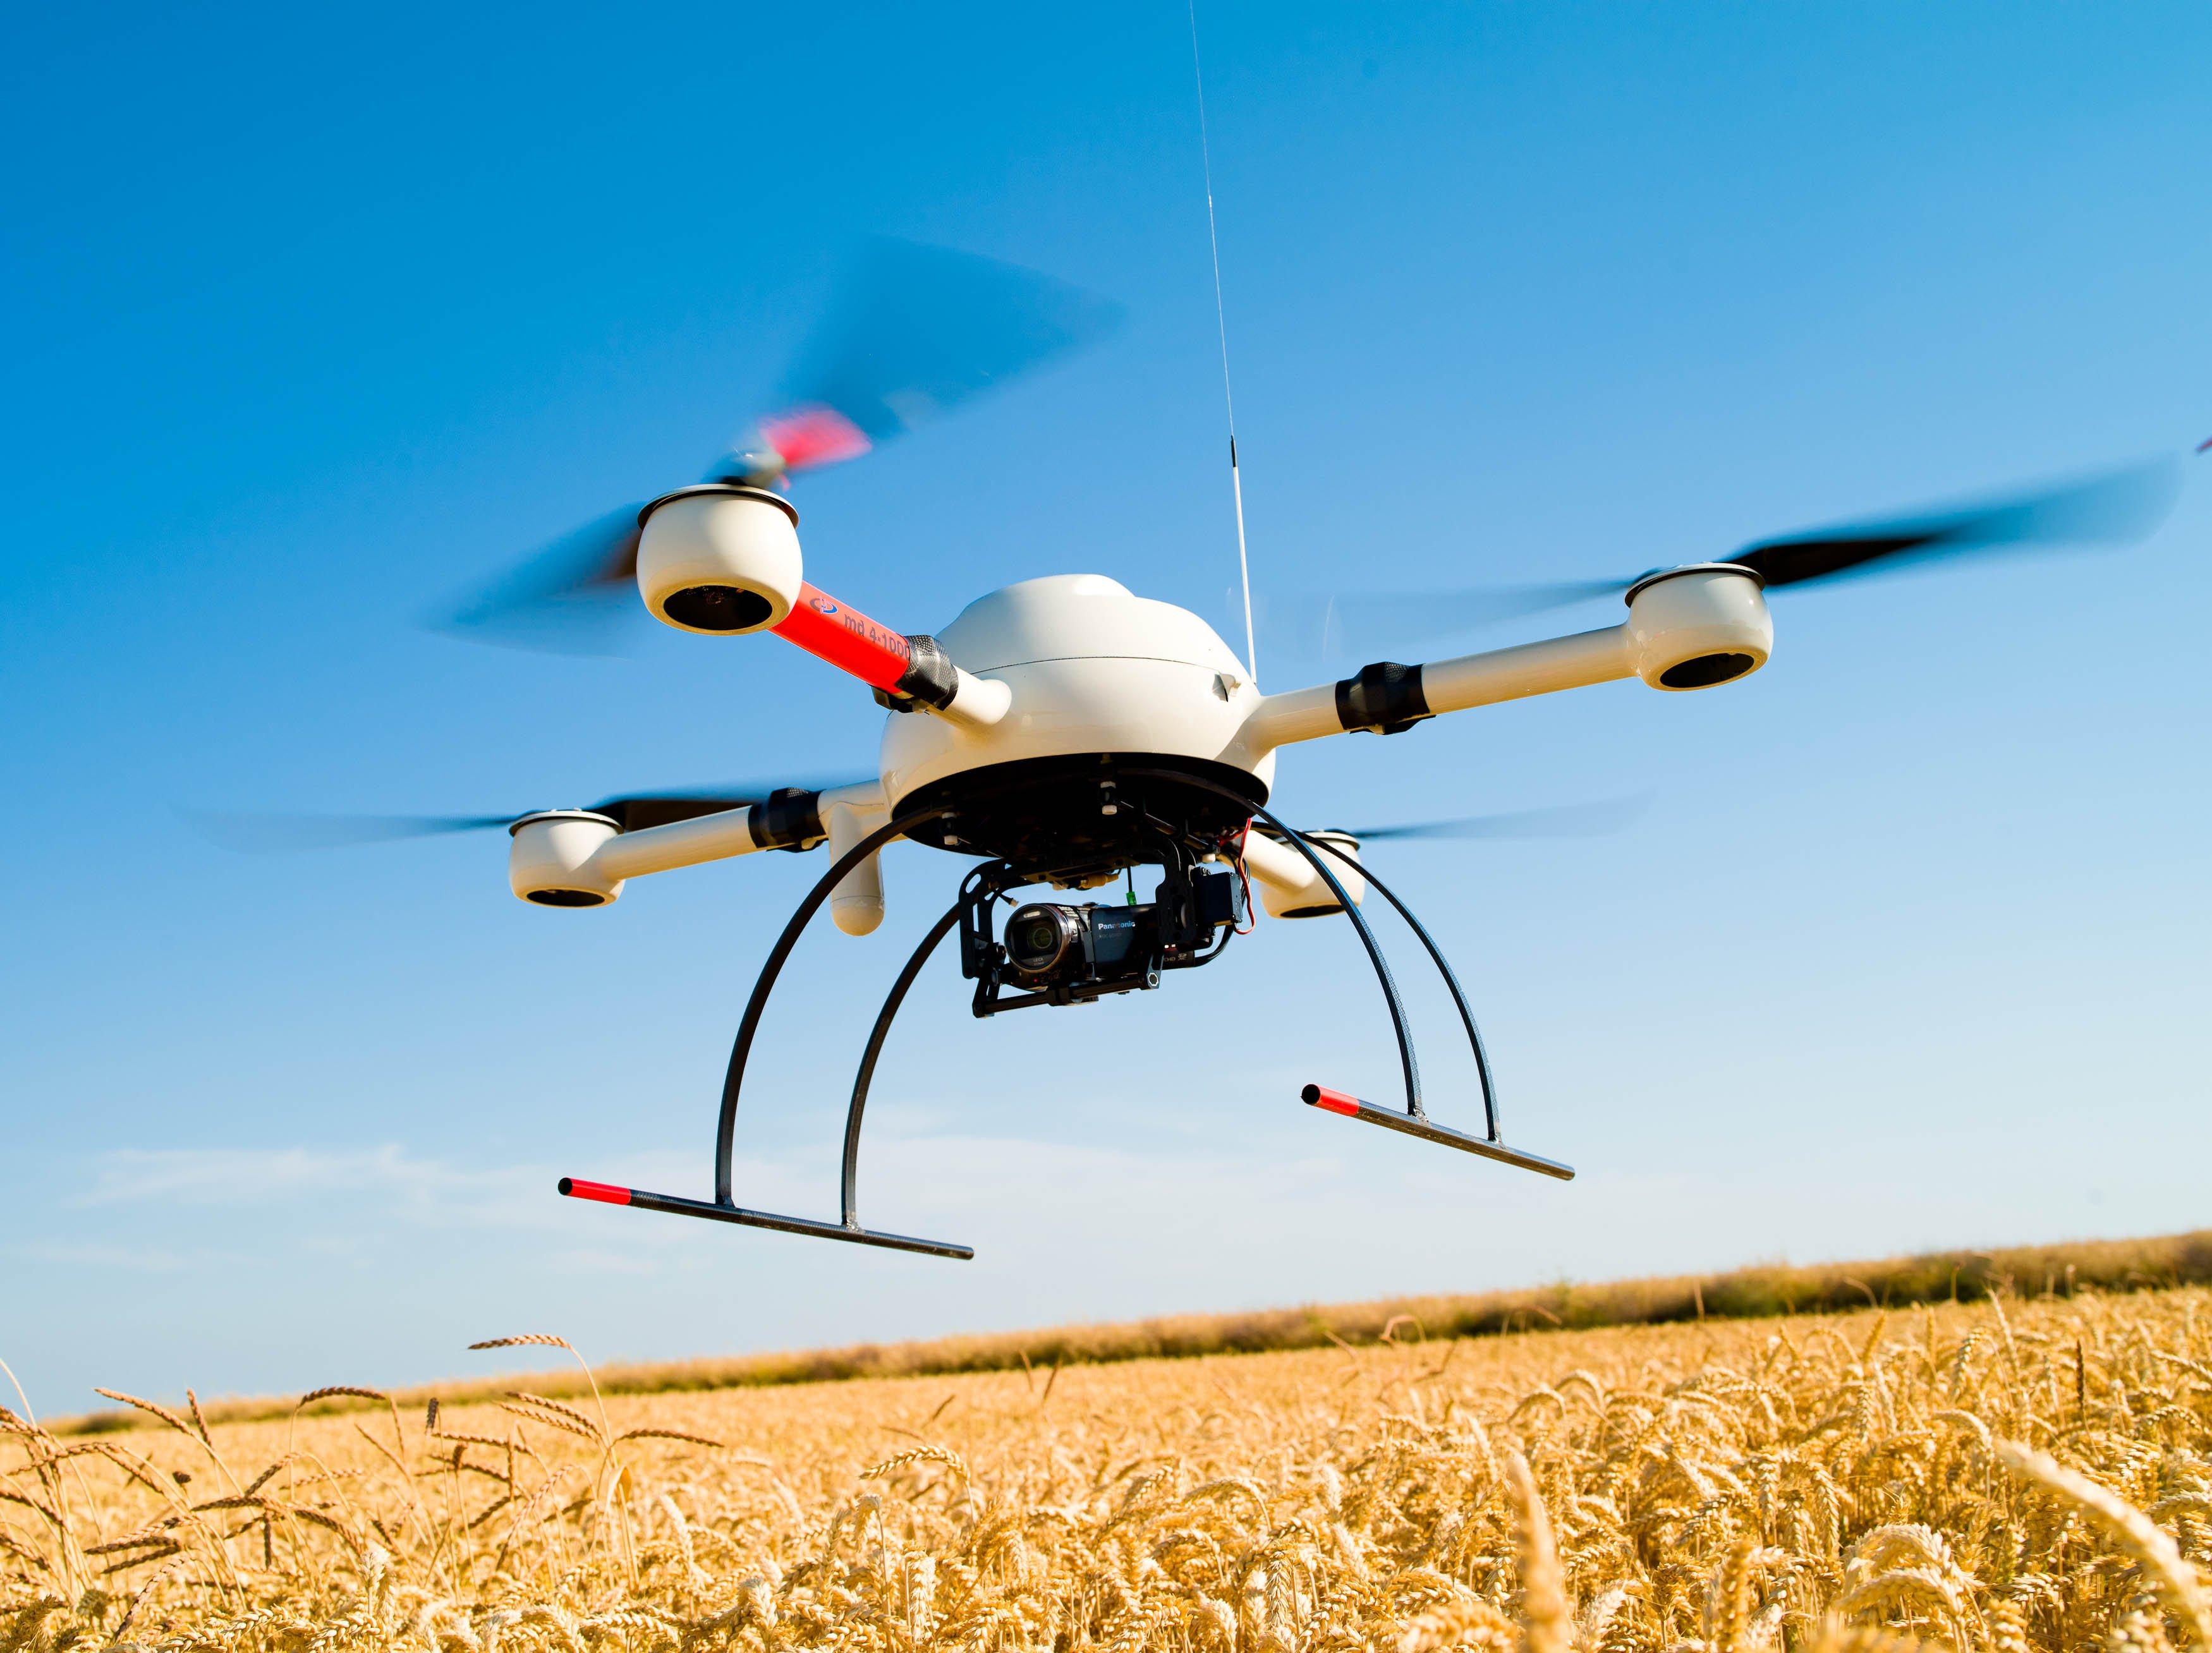 Unbemannte Fluggeräte lassen sich auch einsetzen, um Landschaften zu kartographieren, bei Katastrophen einen Überblick über das Geschehen zu bekommen oder um landwirtschaftliche Flächen zu überwachen.